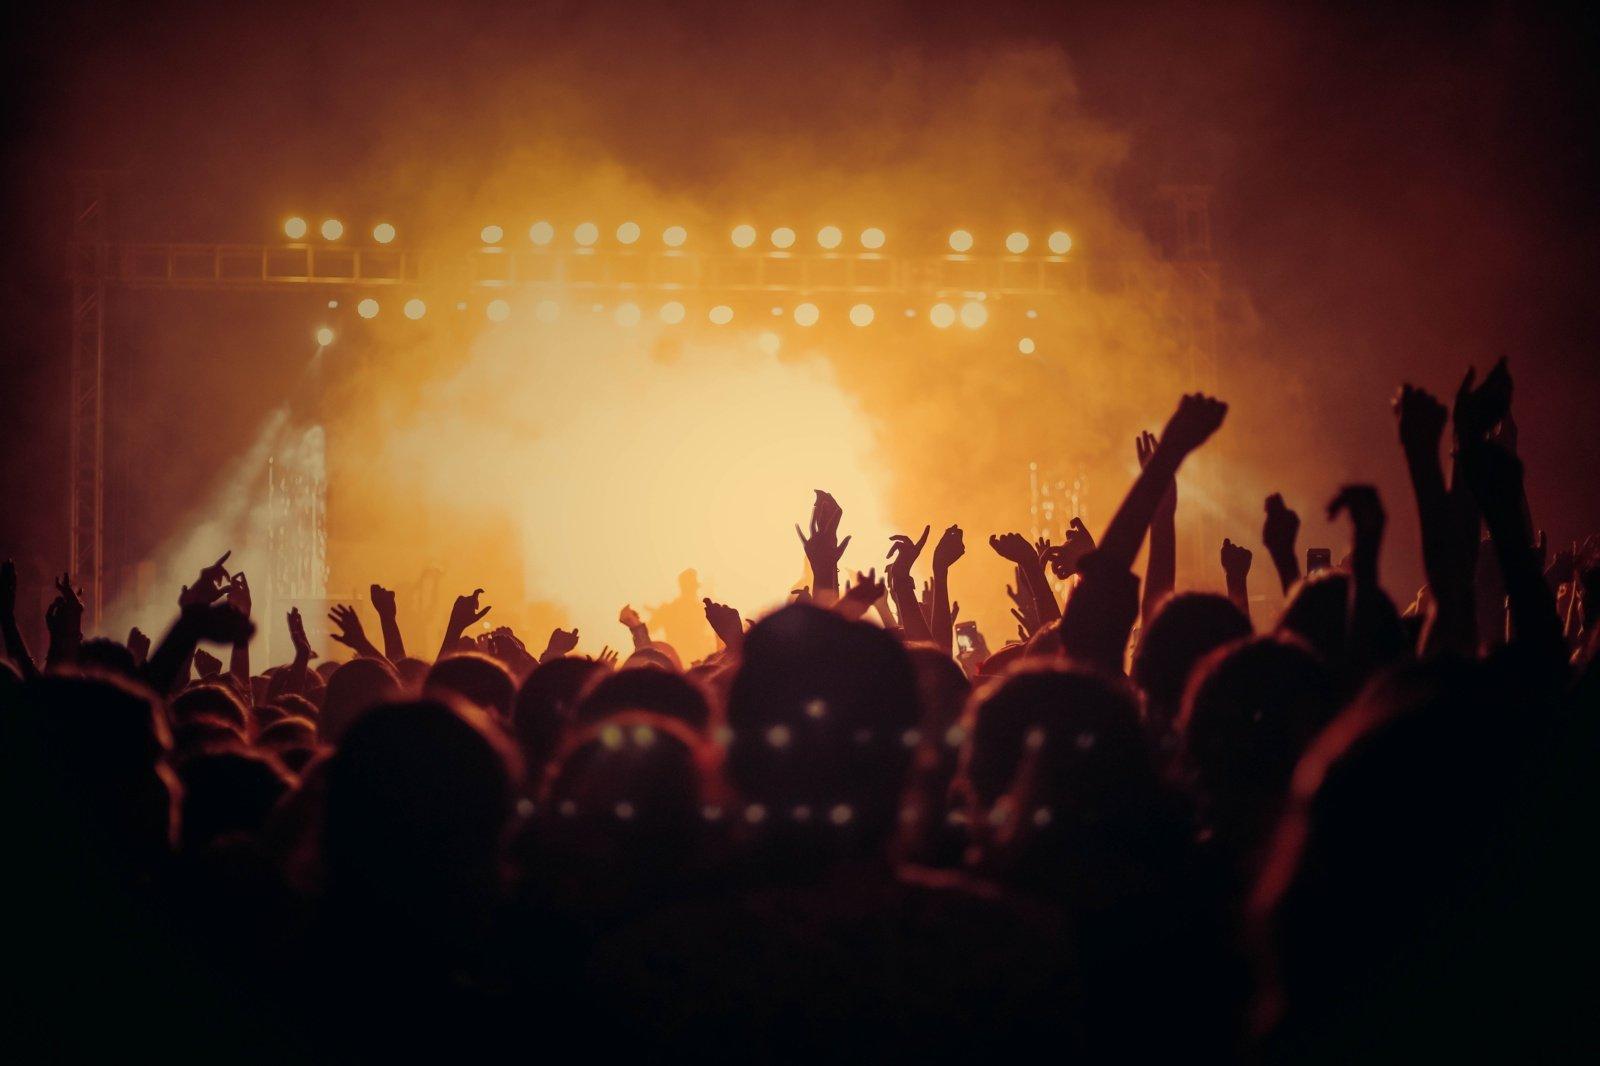 Dėl pirmojo karantino neįvykę renginiai gali būti nukelti ilgiau nei metams